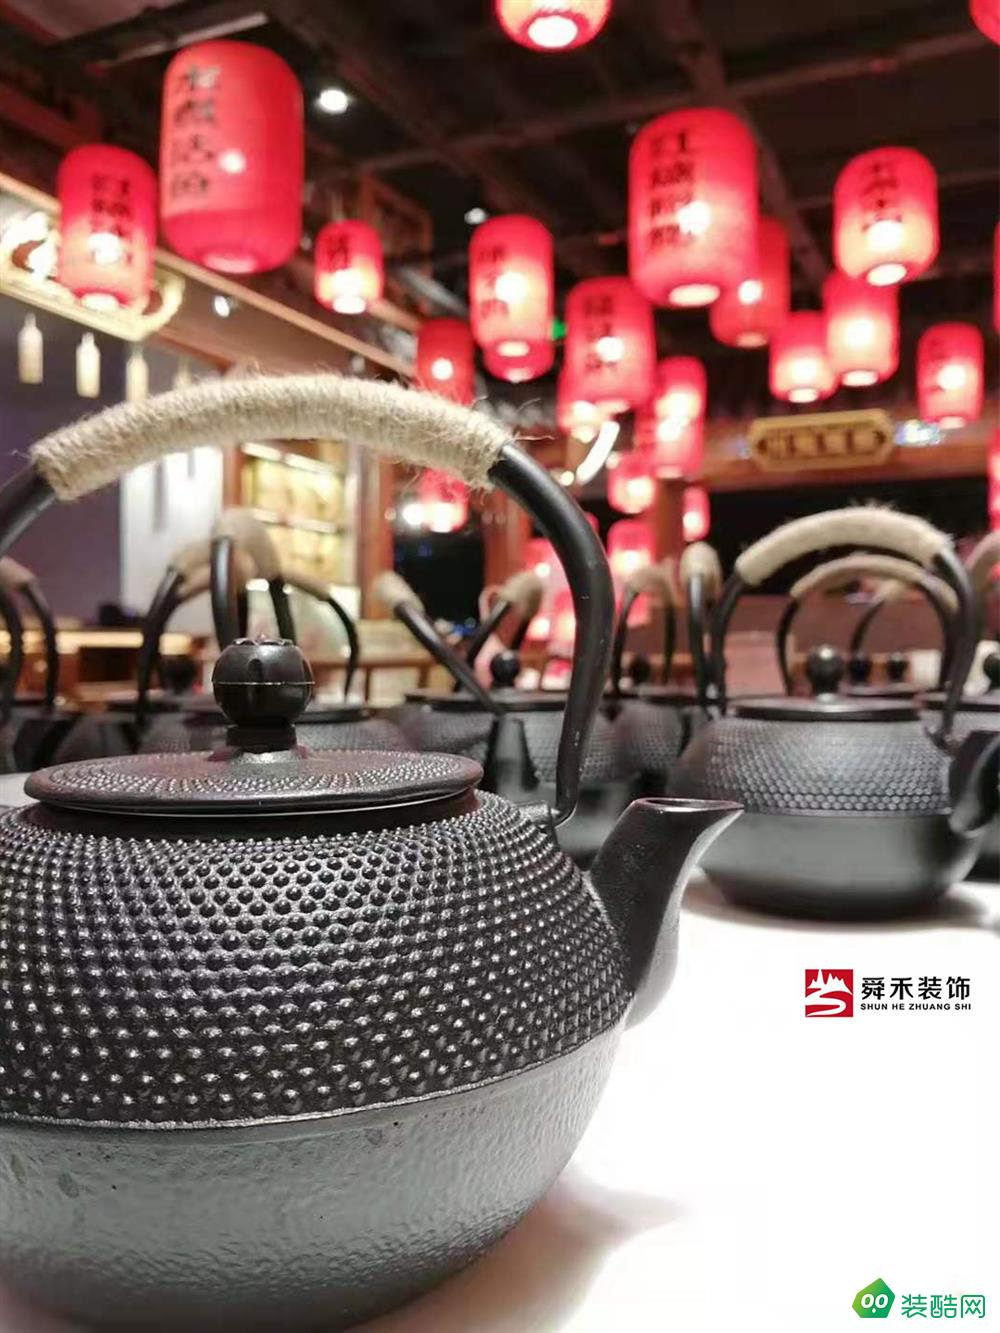 济南川菜馆火锅店川菜餐厅装修设计公司